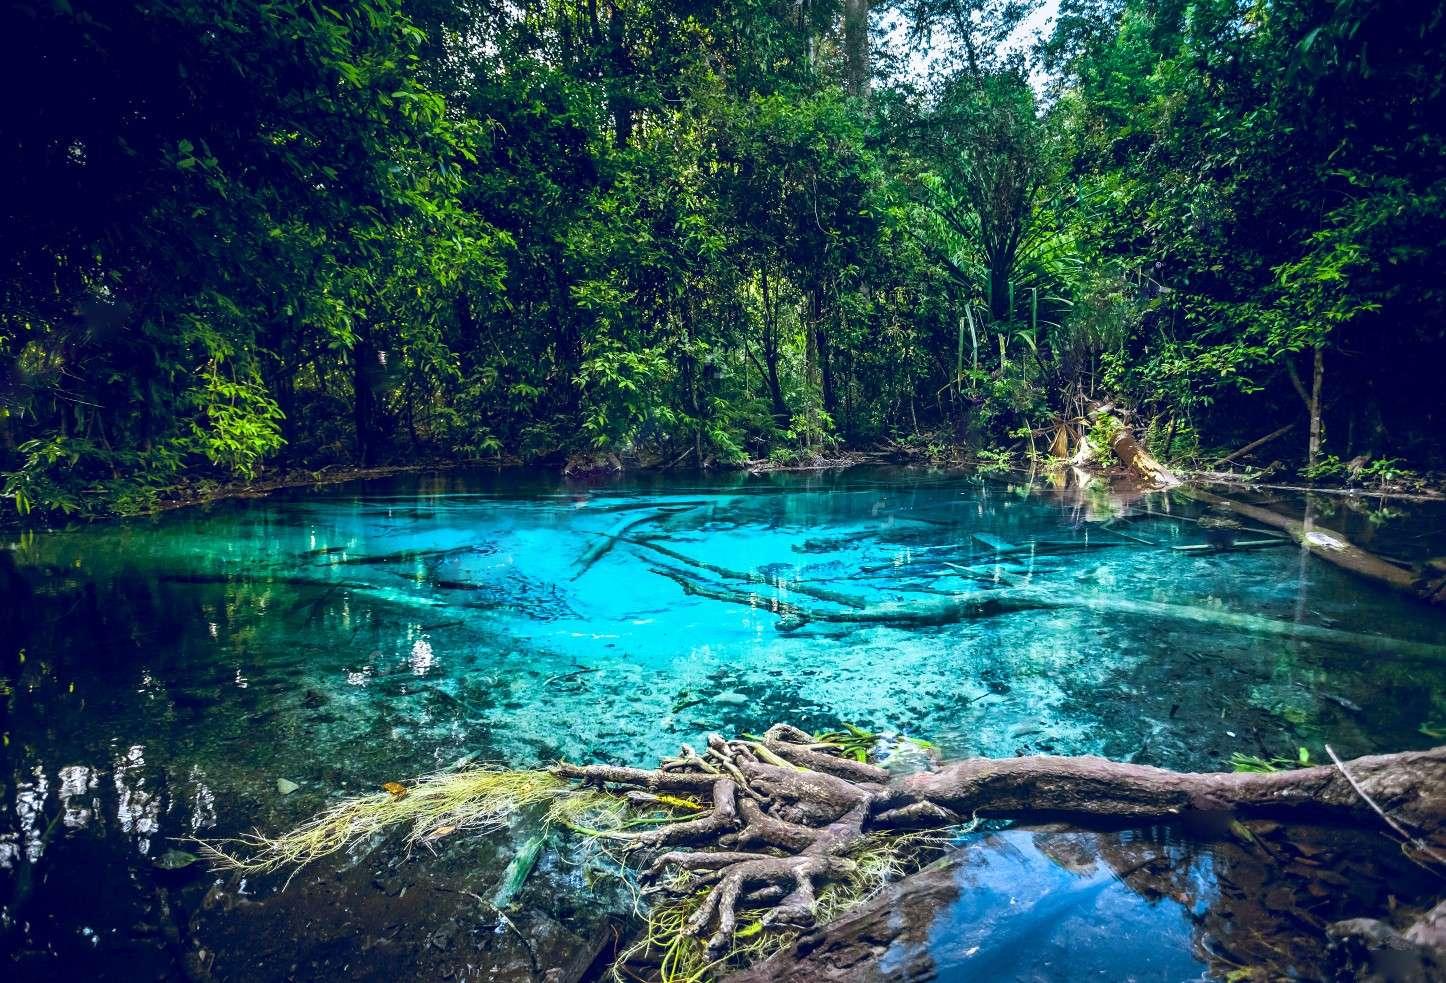 Khu vực gần hồ Blue Pool